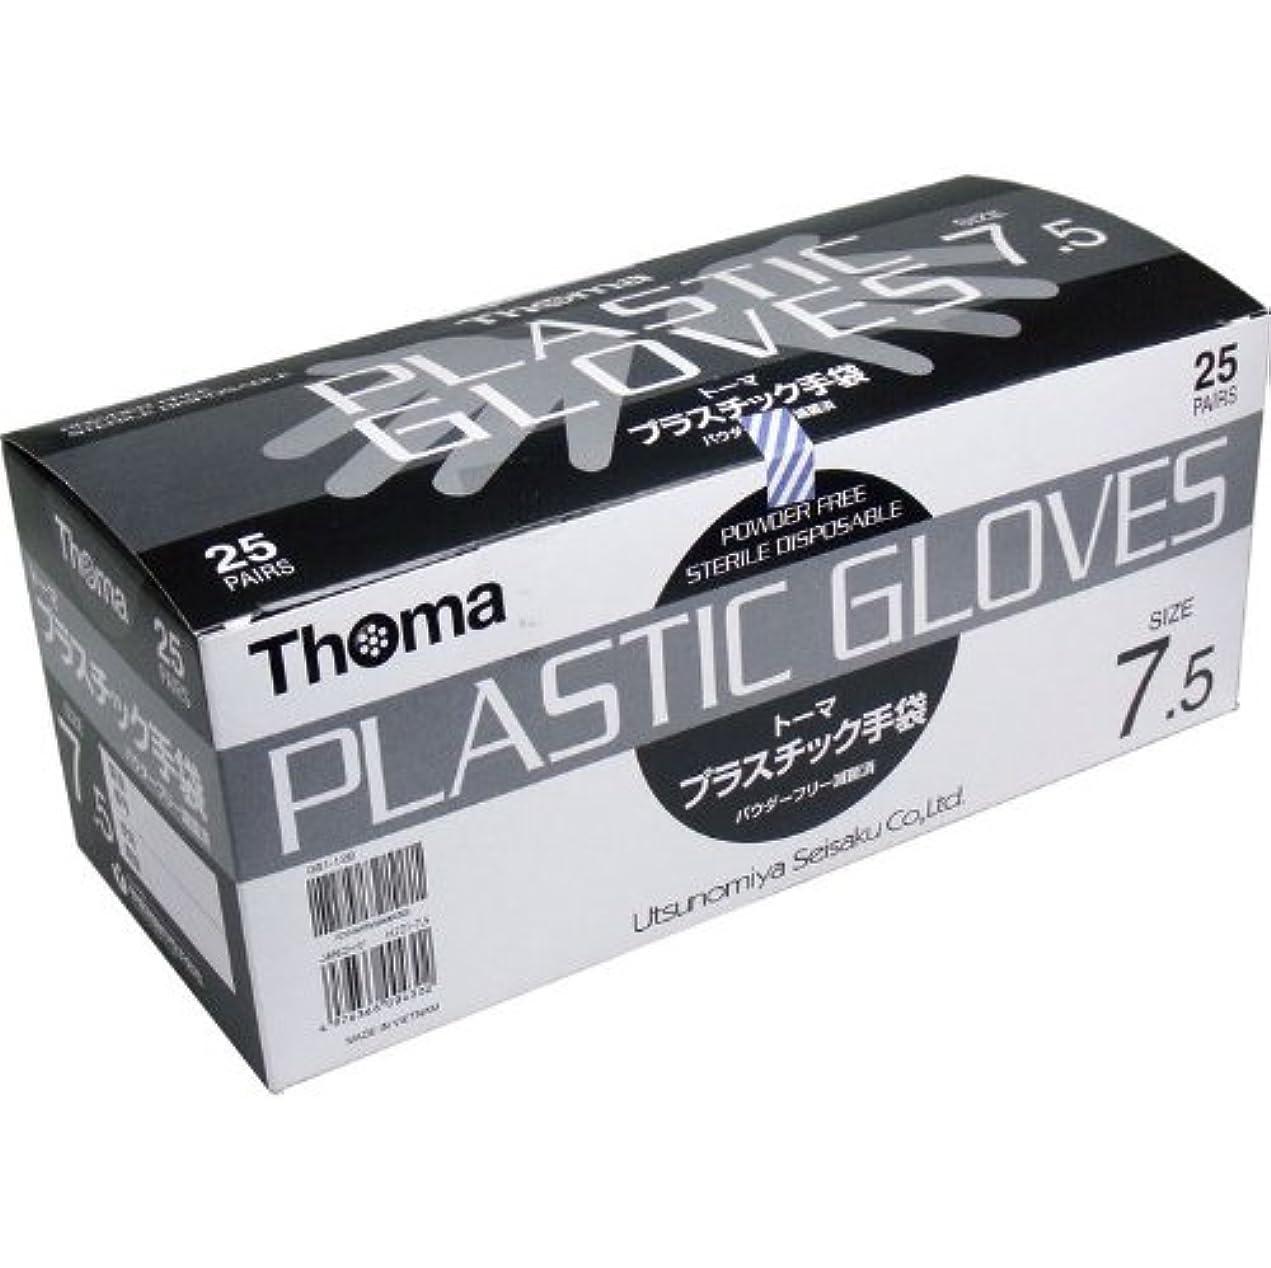 仮定する緊急タービンパウダーフリー手袋 1双毎に滅菌包装、衛生的 便利 トーマ プラスチック手袋 パウダーフリー滅菌済 25双入 サイズ7.5【5個セット】